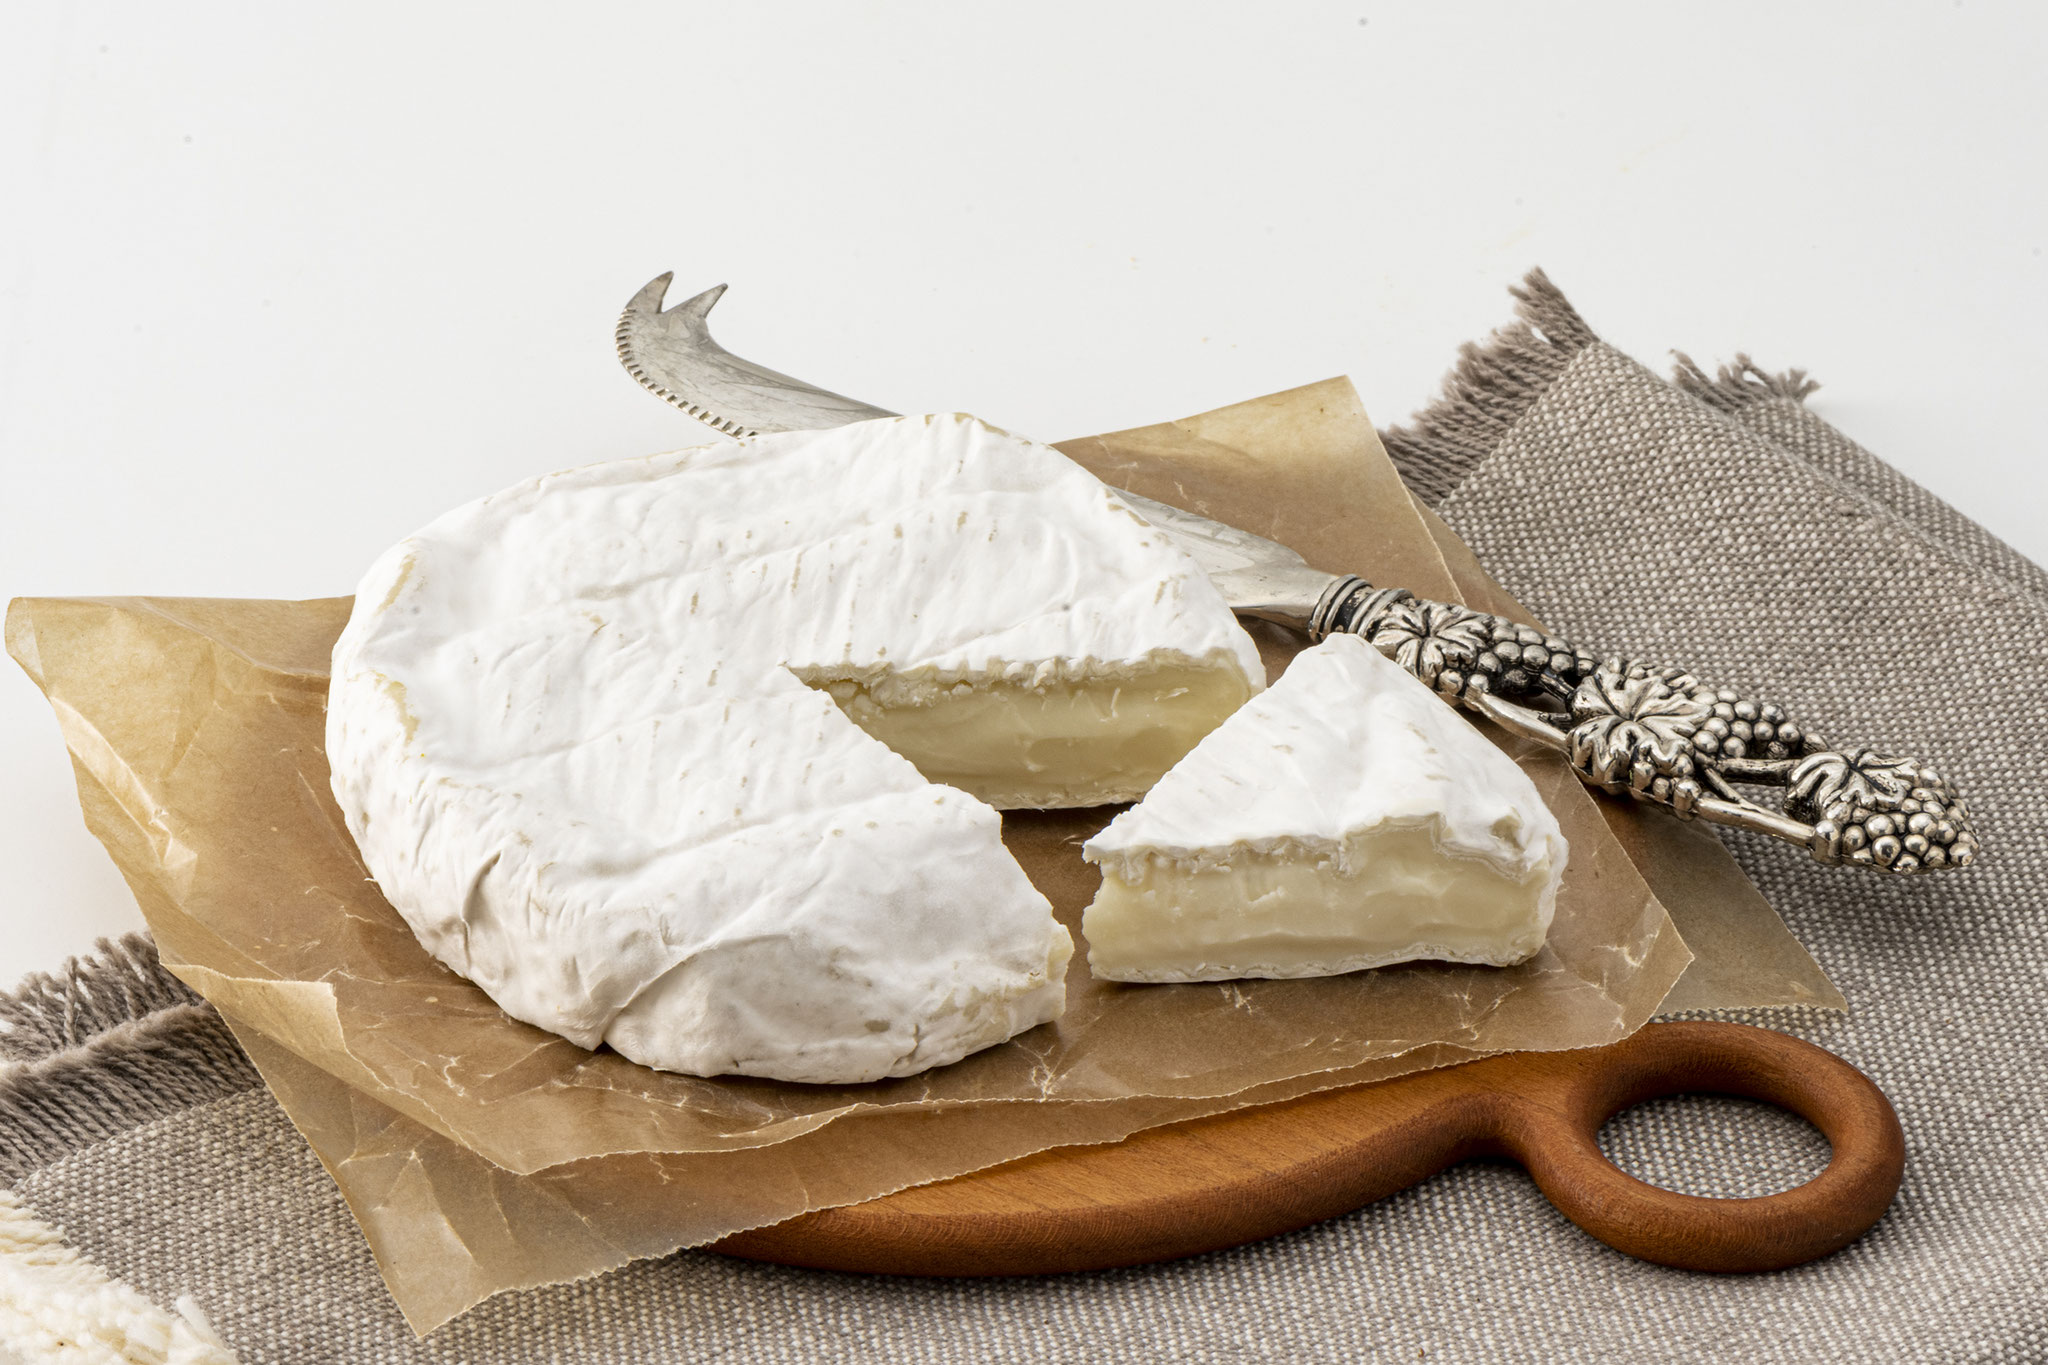 のぼりべつチーズ 乳白華(ニュービアンカ)<(株)のぼりべつ酪農館>